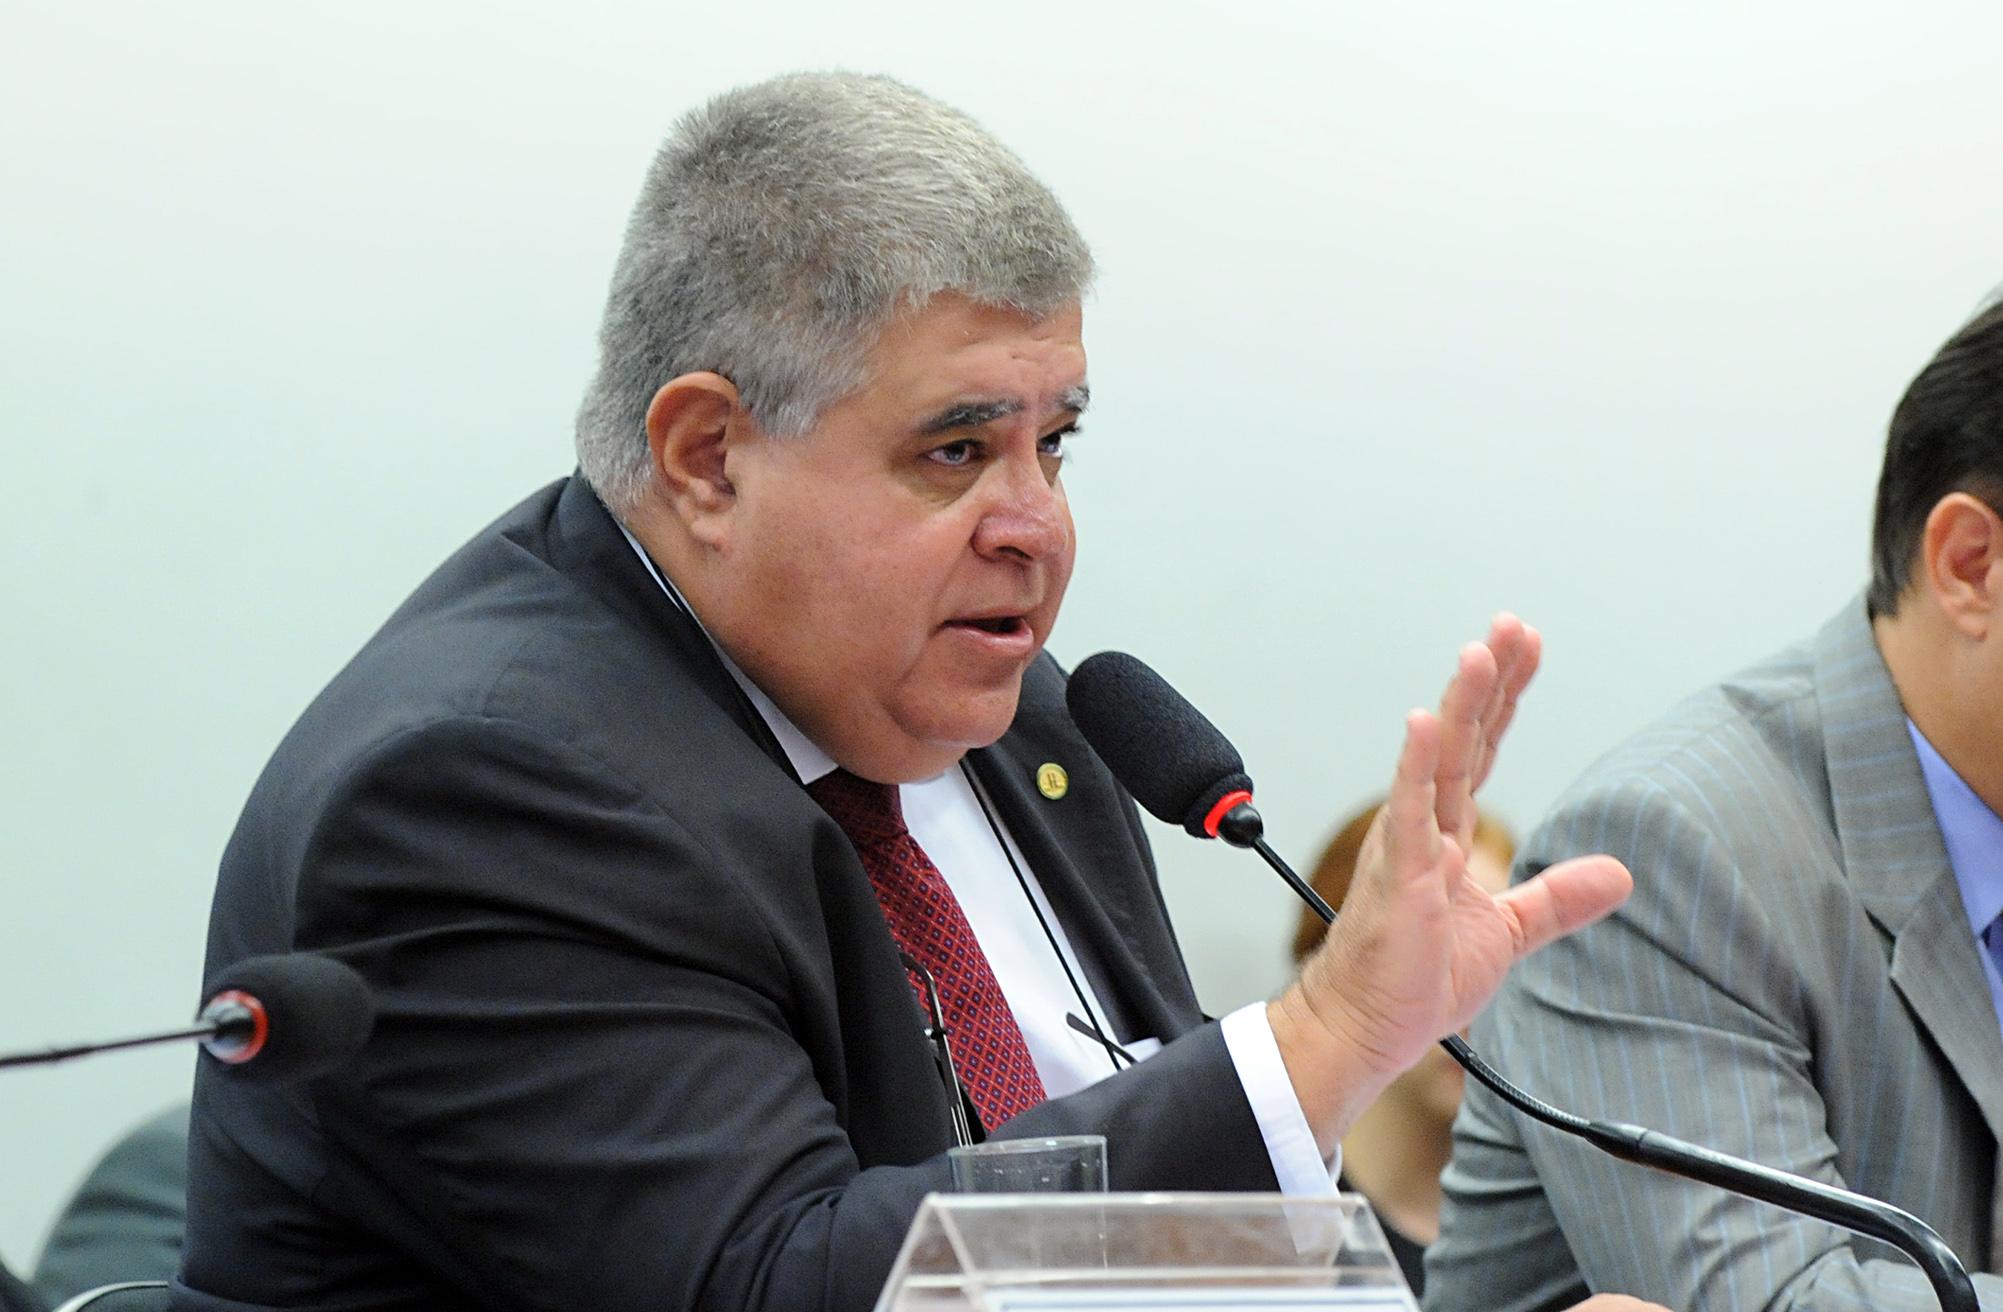 Reunião ordinária com o ministro da Fazenda, Henrique Meirelles. Dep. Carlos Marun (PMDB-MS)